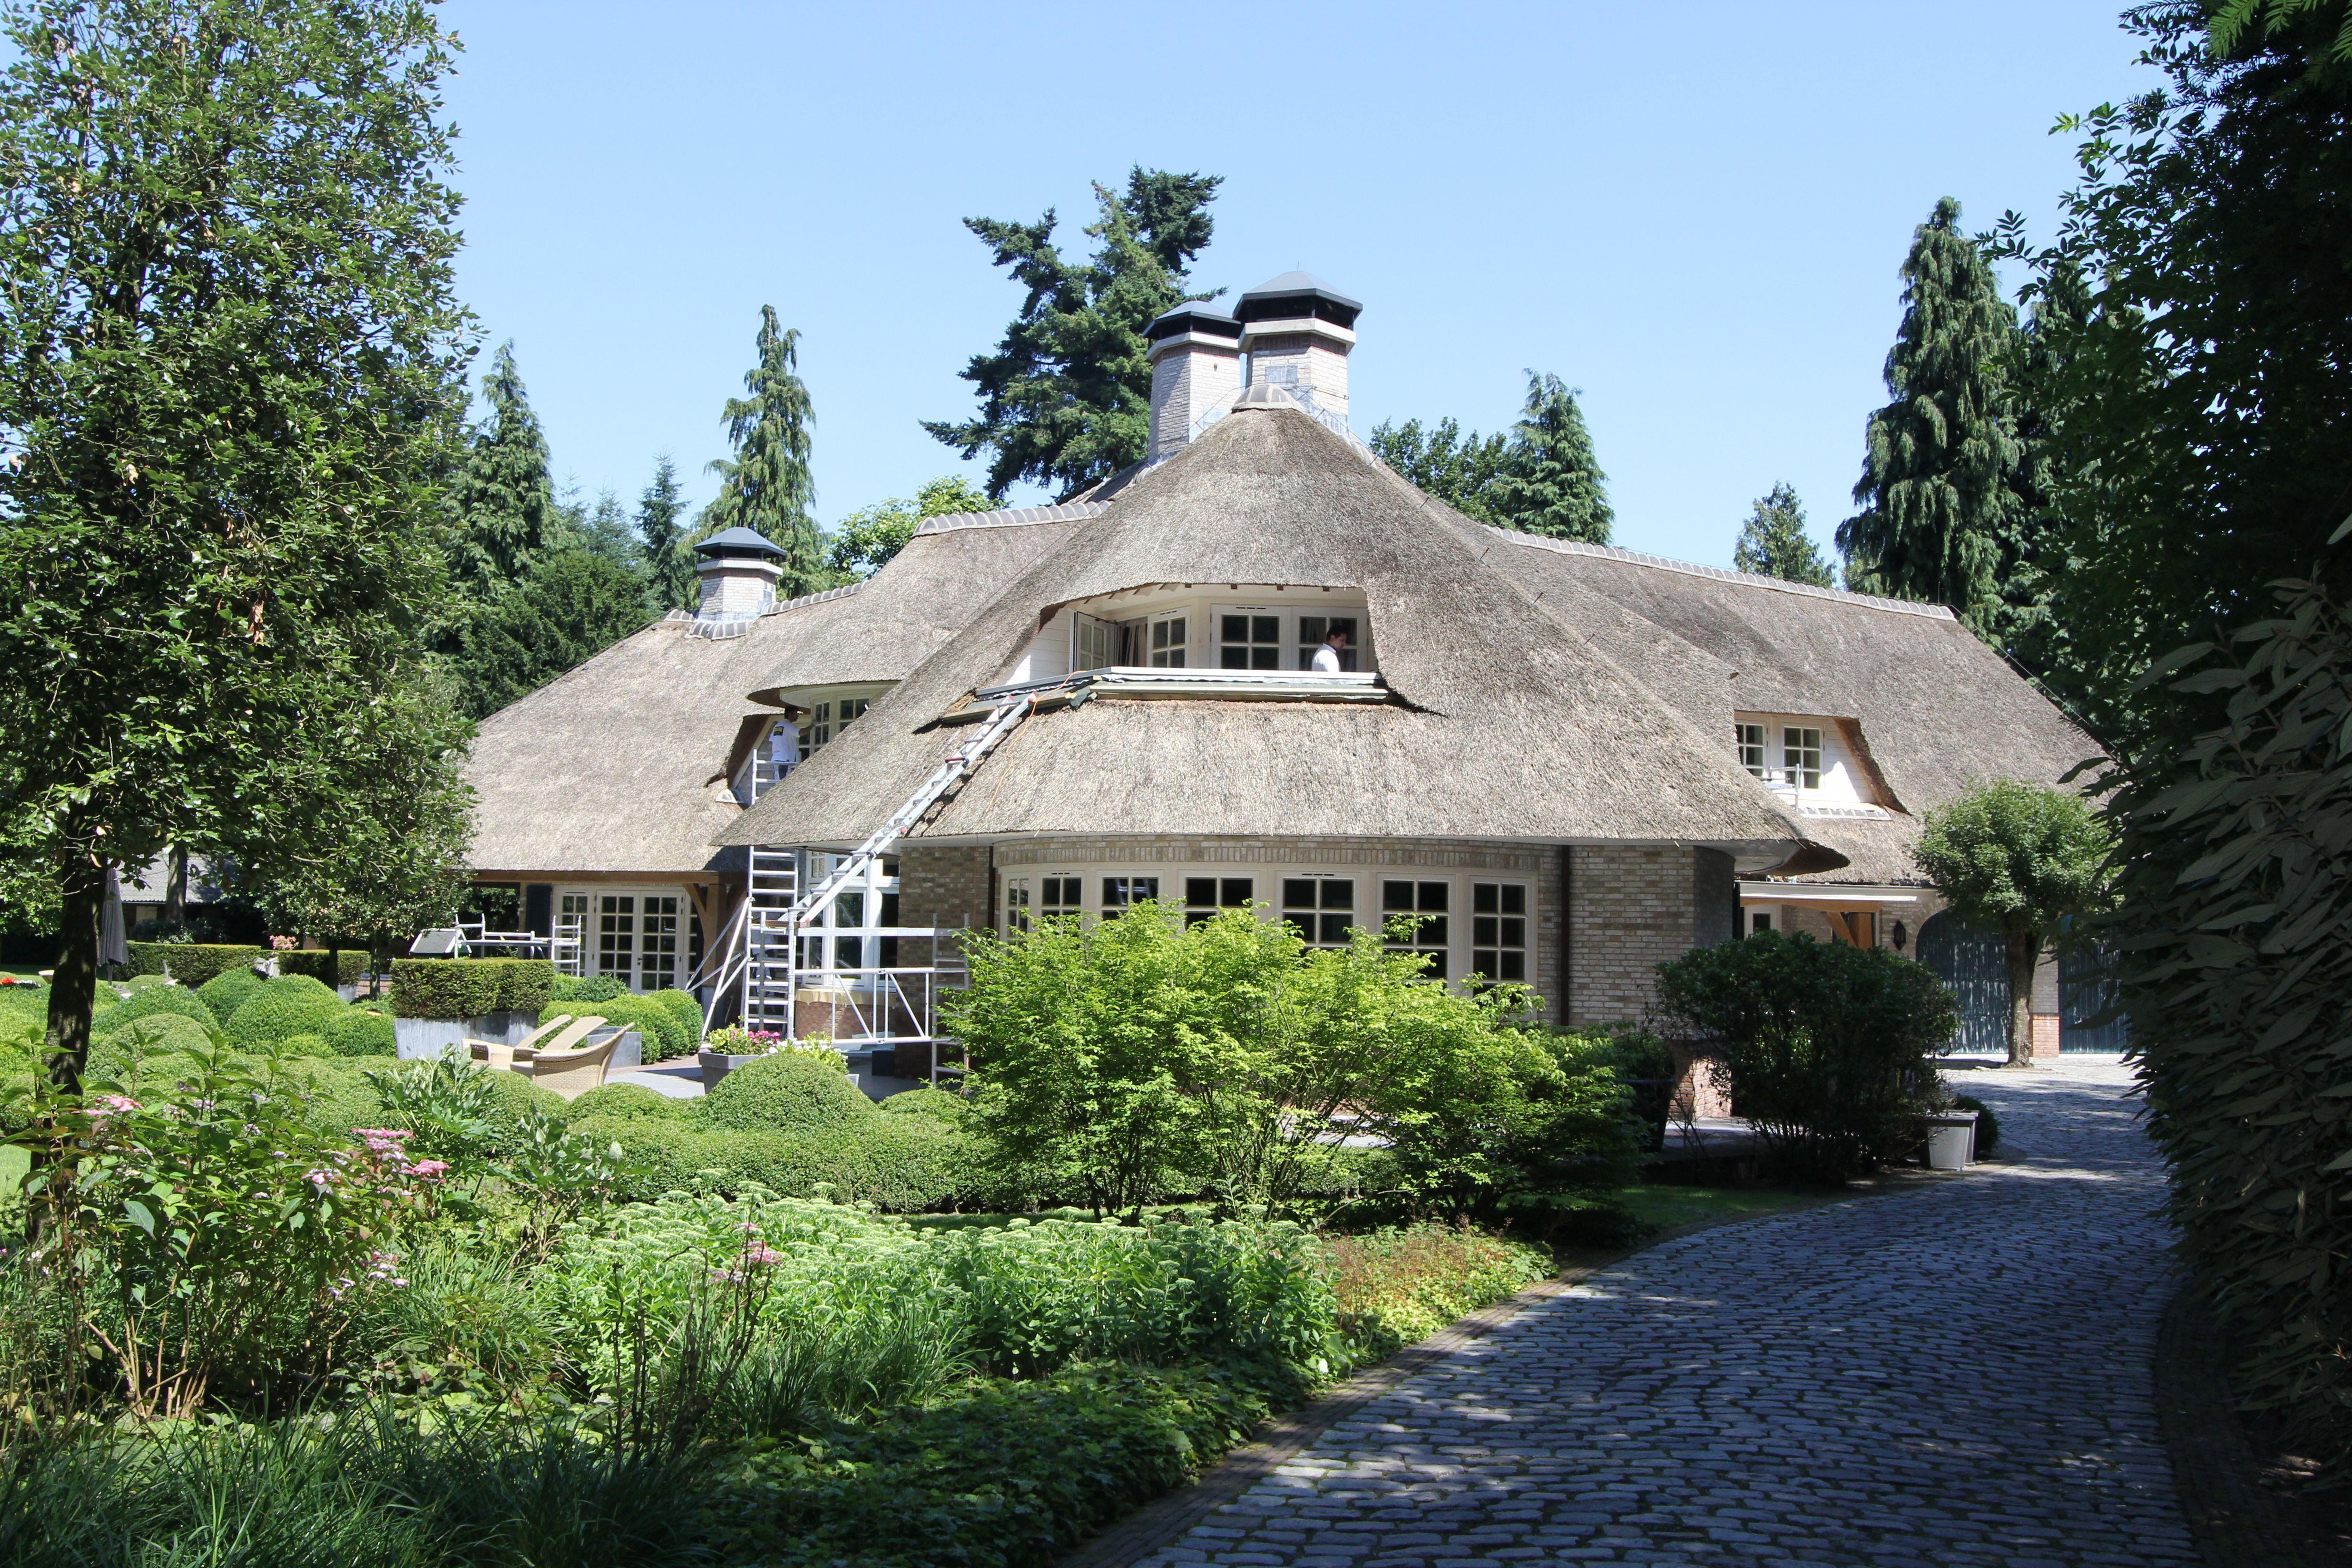 Villa blaricum - De mooiste gevels van huizen ...